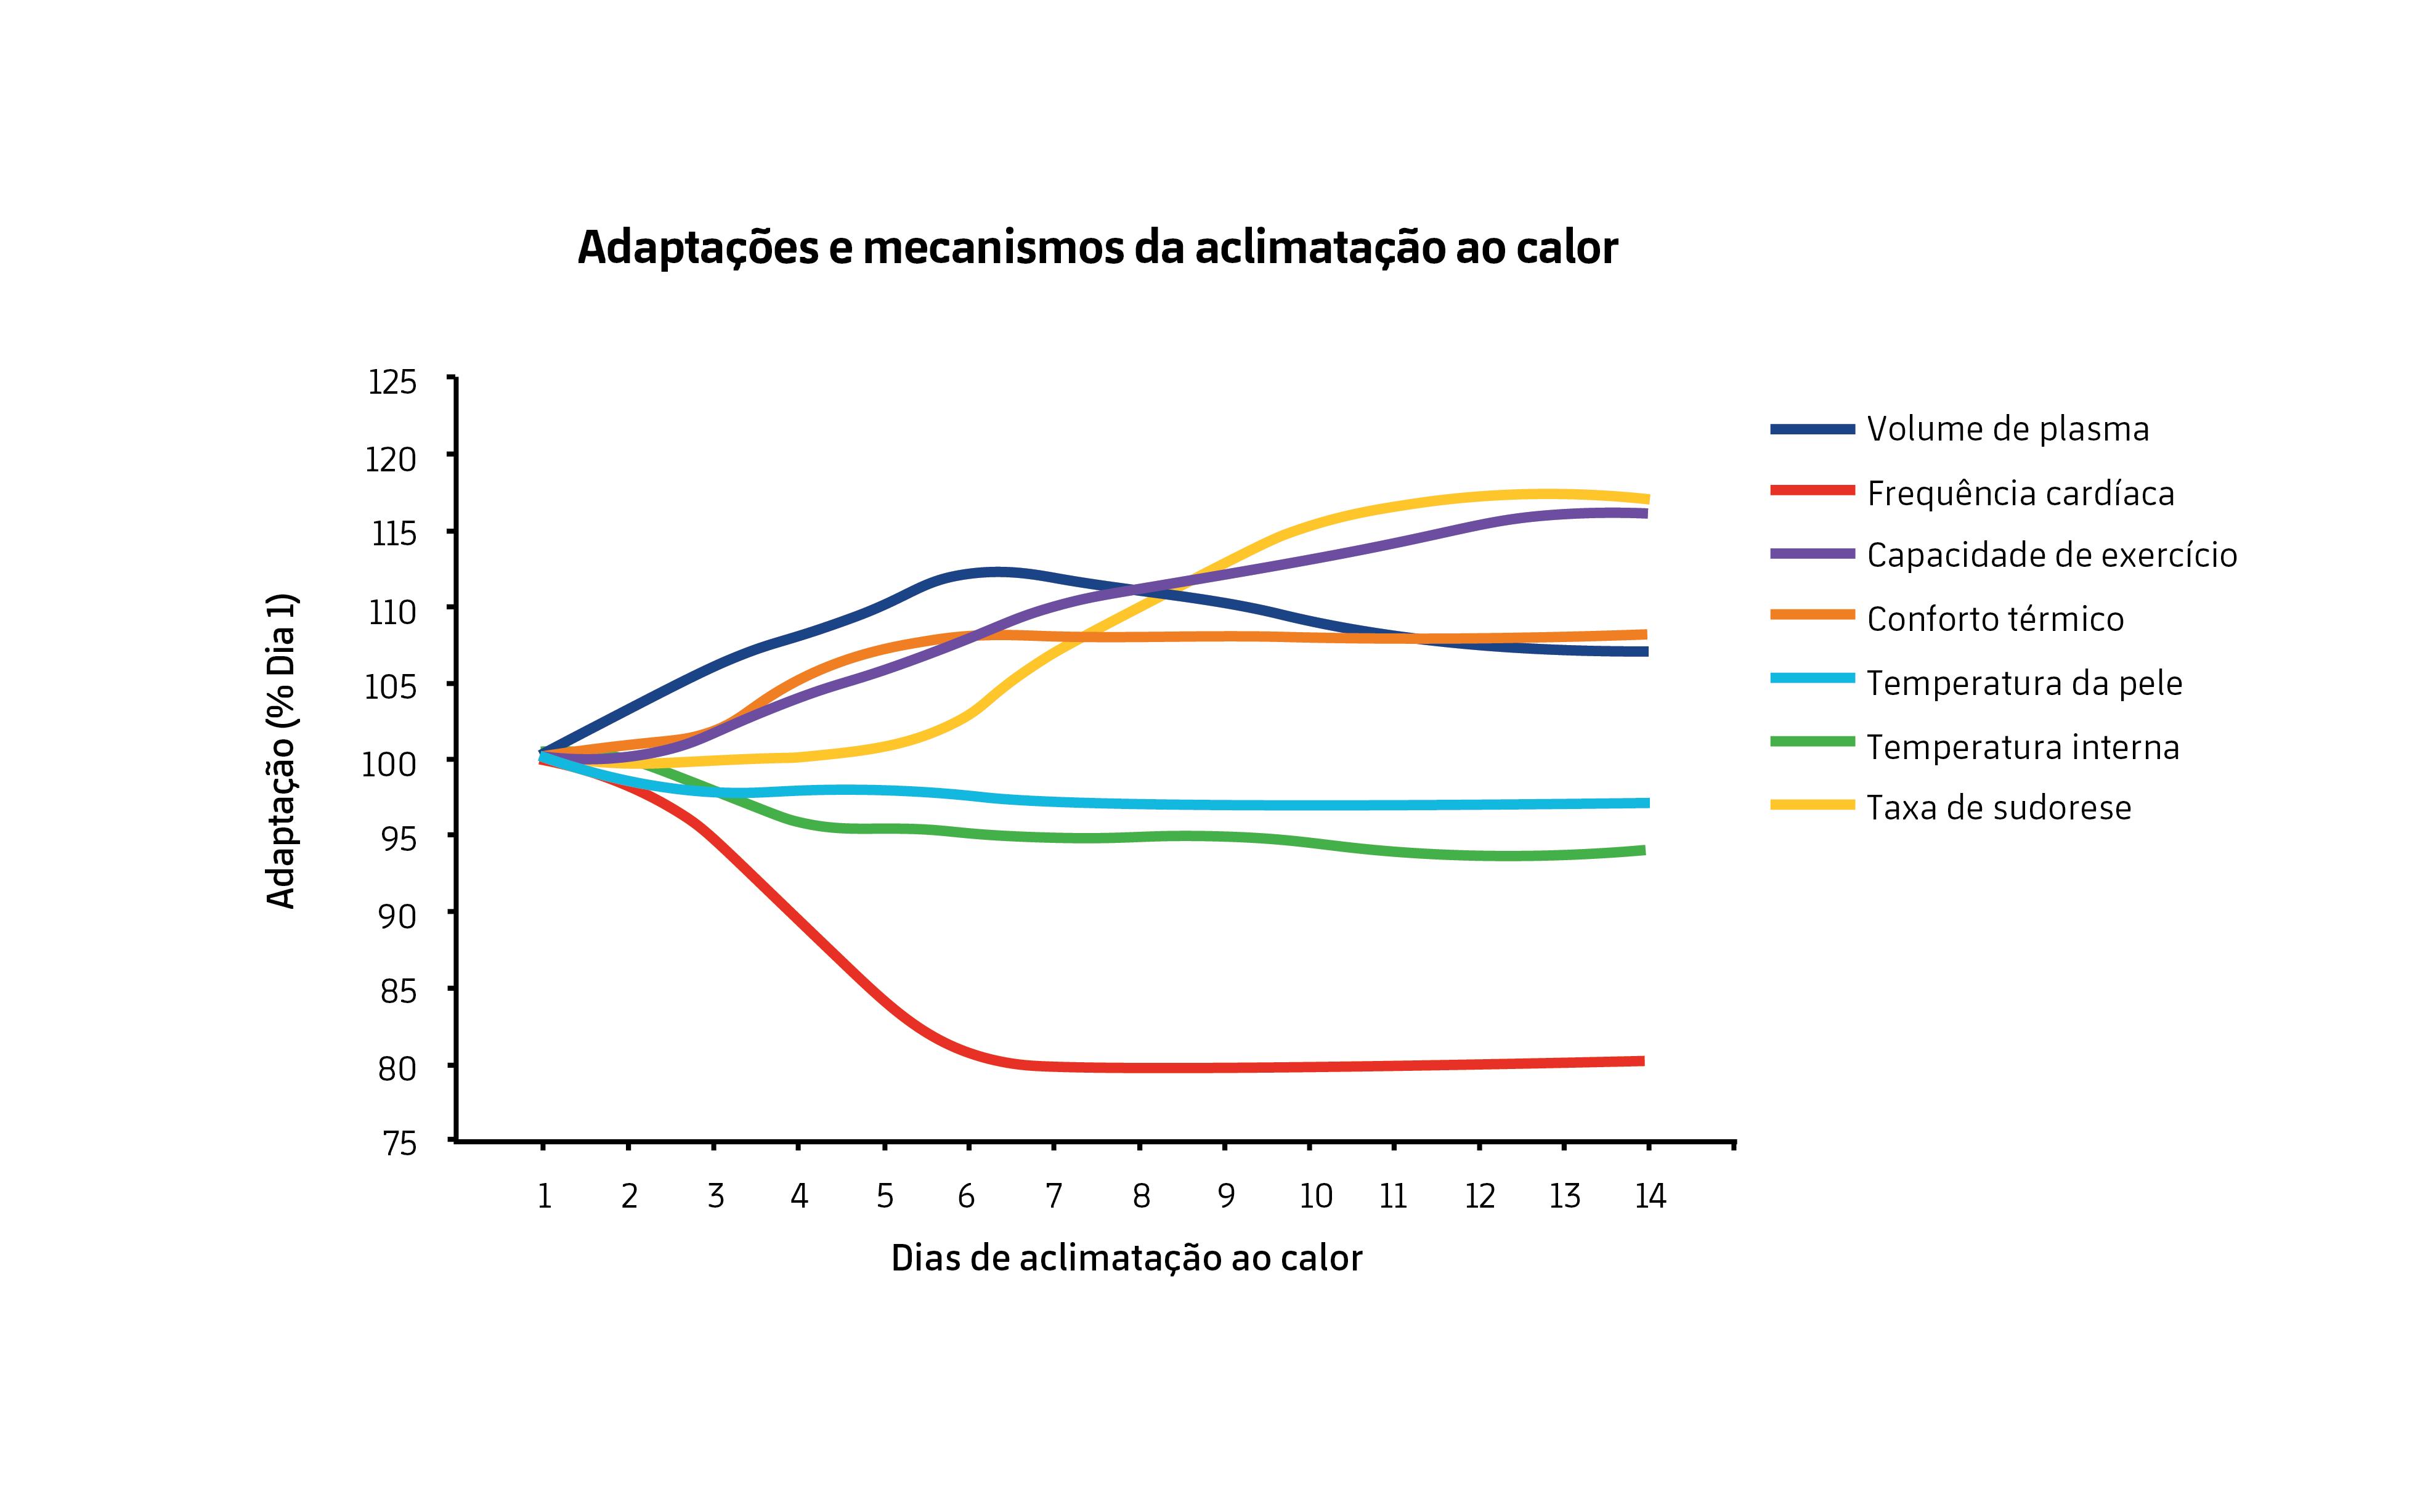 Figura 1. Adaptações após um período de aclimatação no calor. Adaptado de Périard et al. (2015).